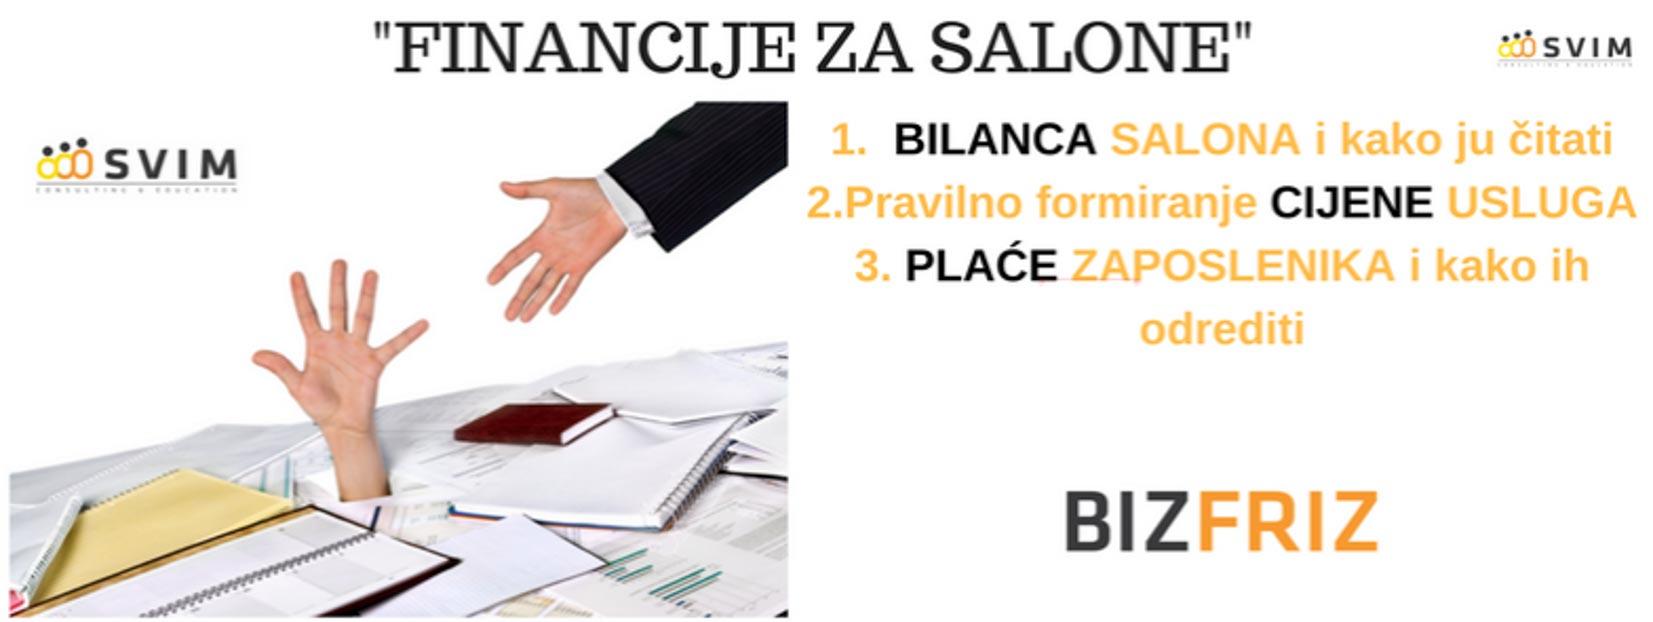 Poslovne edukacije